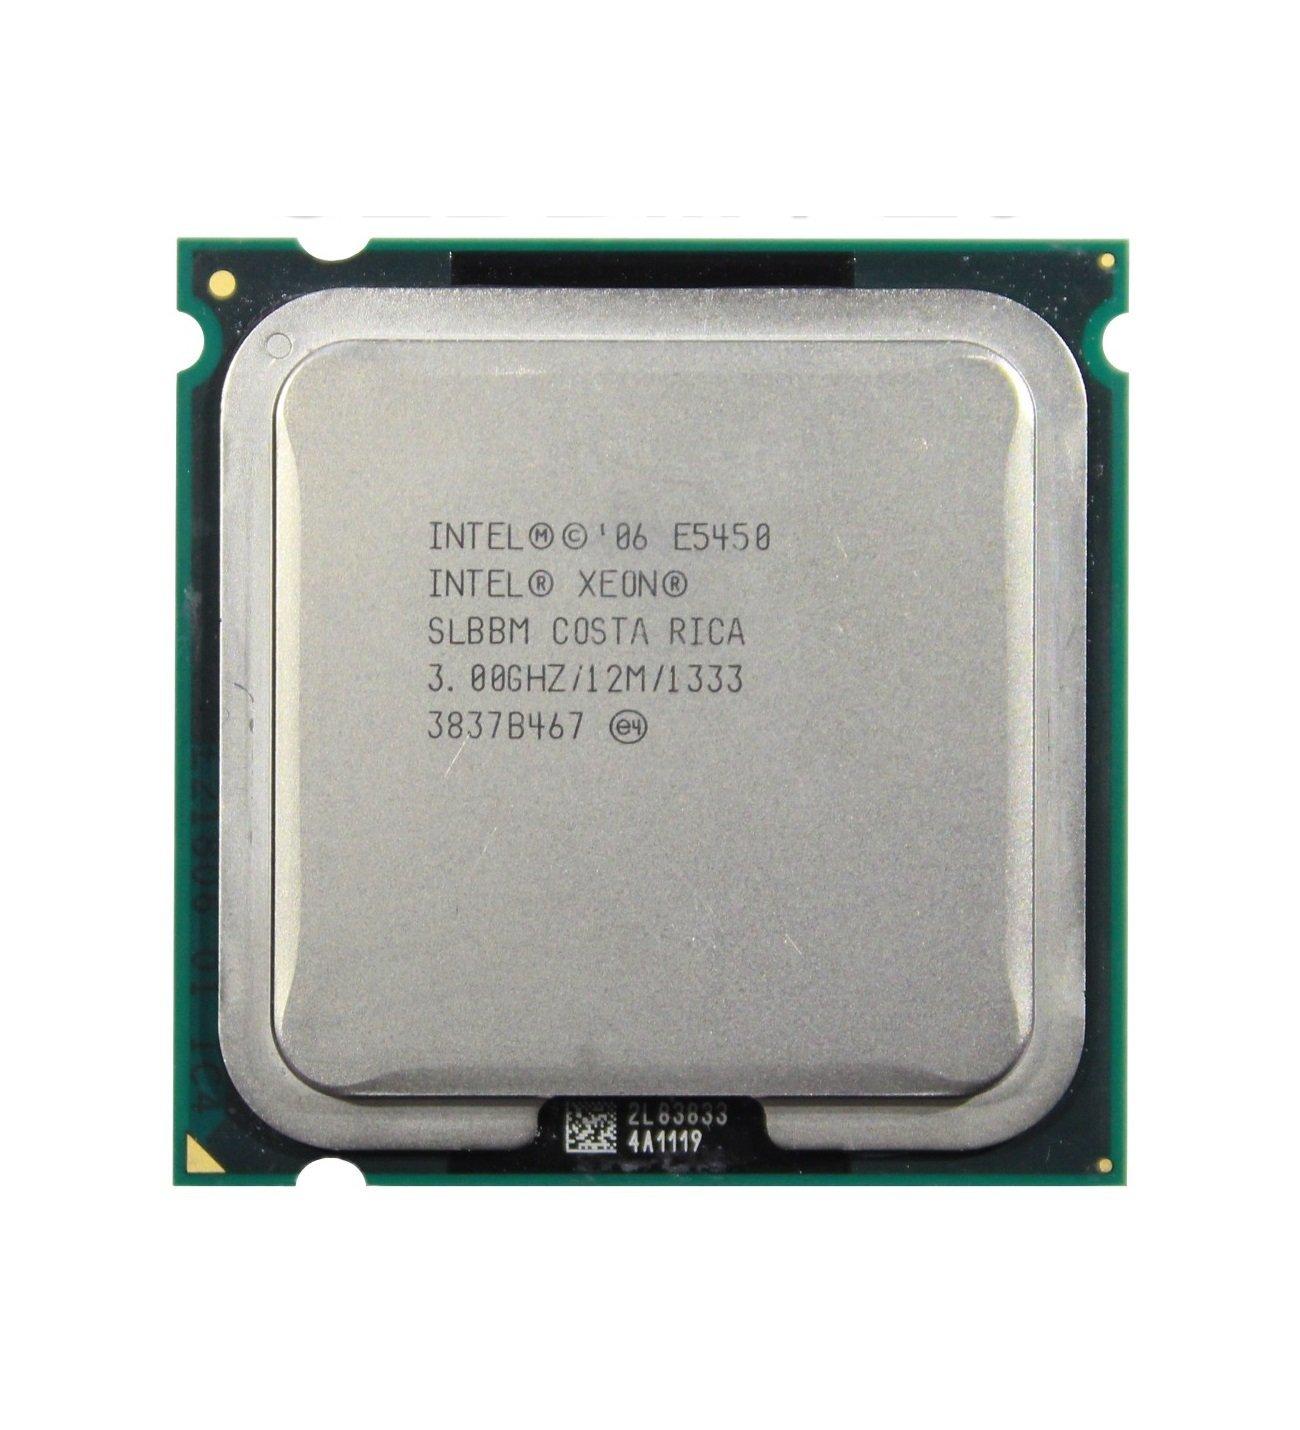 i.ibb.co/kXpcbW1/Processador-Intel-Xeon-E5450-Quad-Core-3-0-GHz-12-MB-SLANQ-SLBBM-LGA-775.jpg